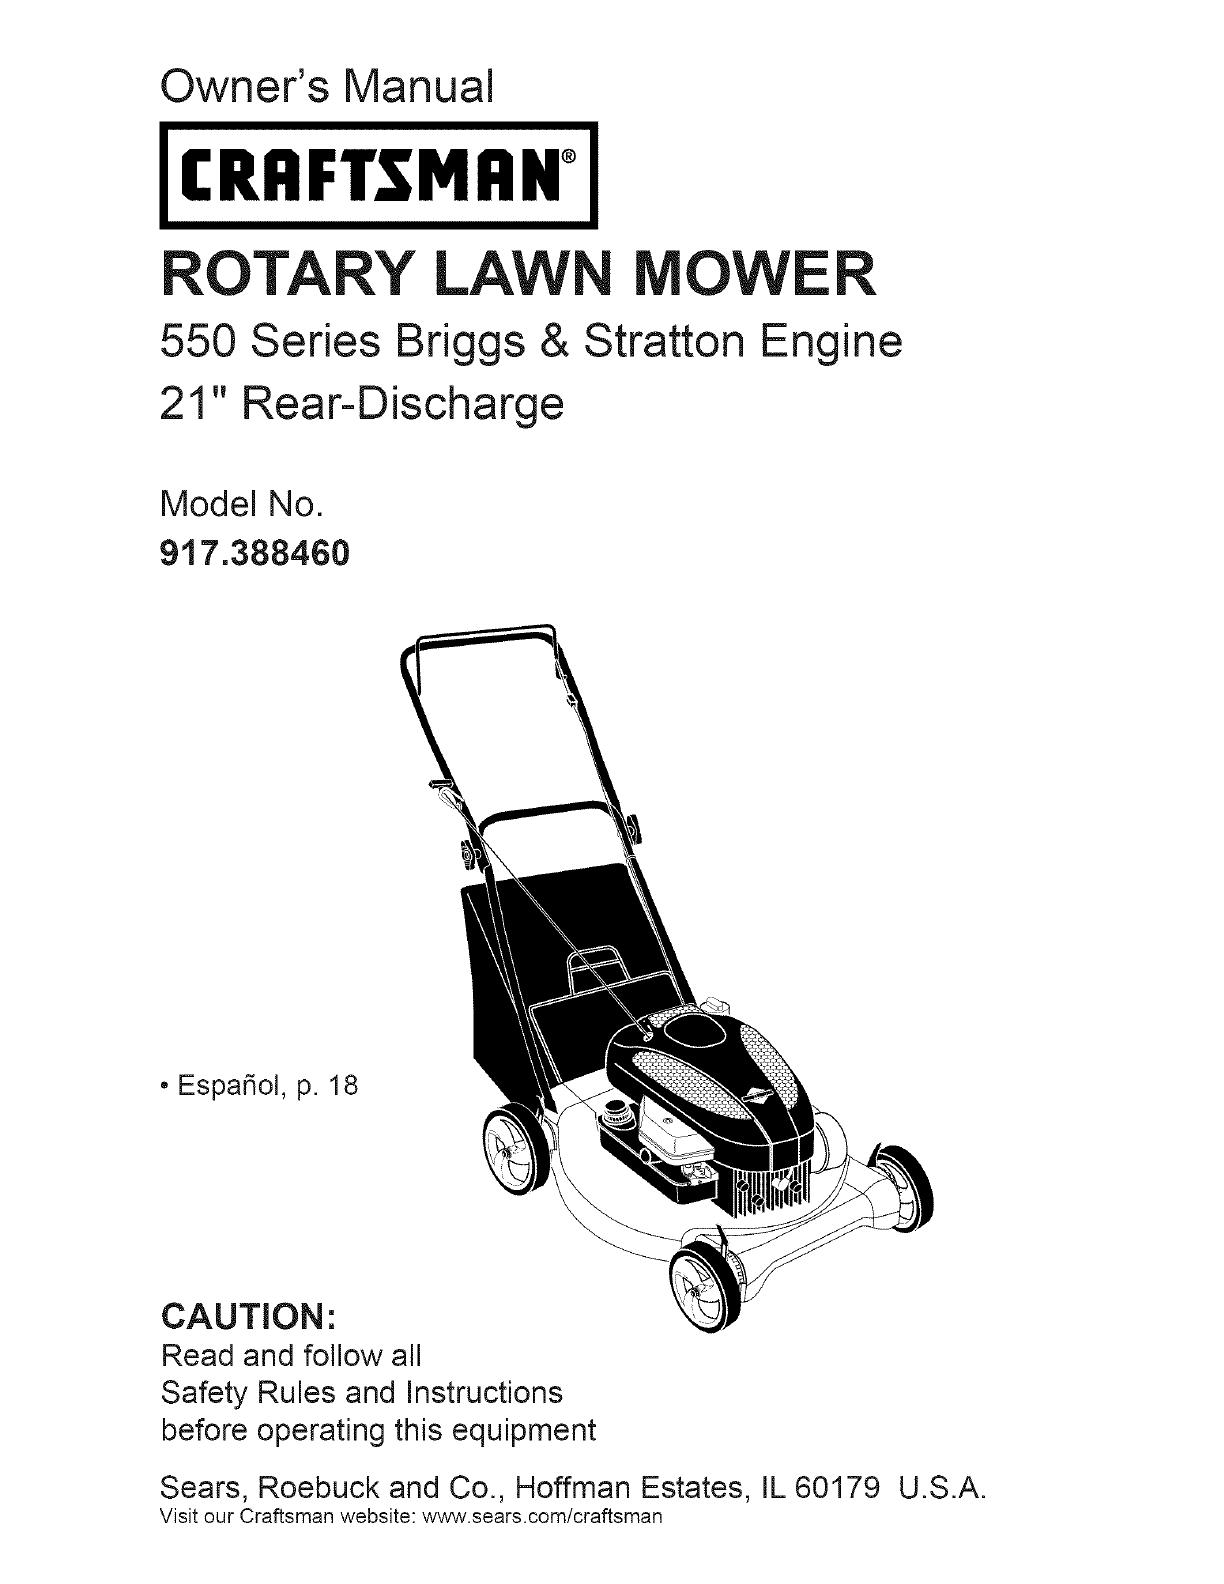 craftsman 917388460 user manual mower manuals and guides l0801262 rh usermanual wiki Craftsman Mower Manual Owner's Manual Craftsman Professional Multimeter User Manual